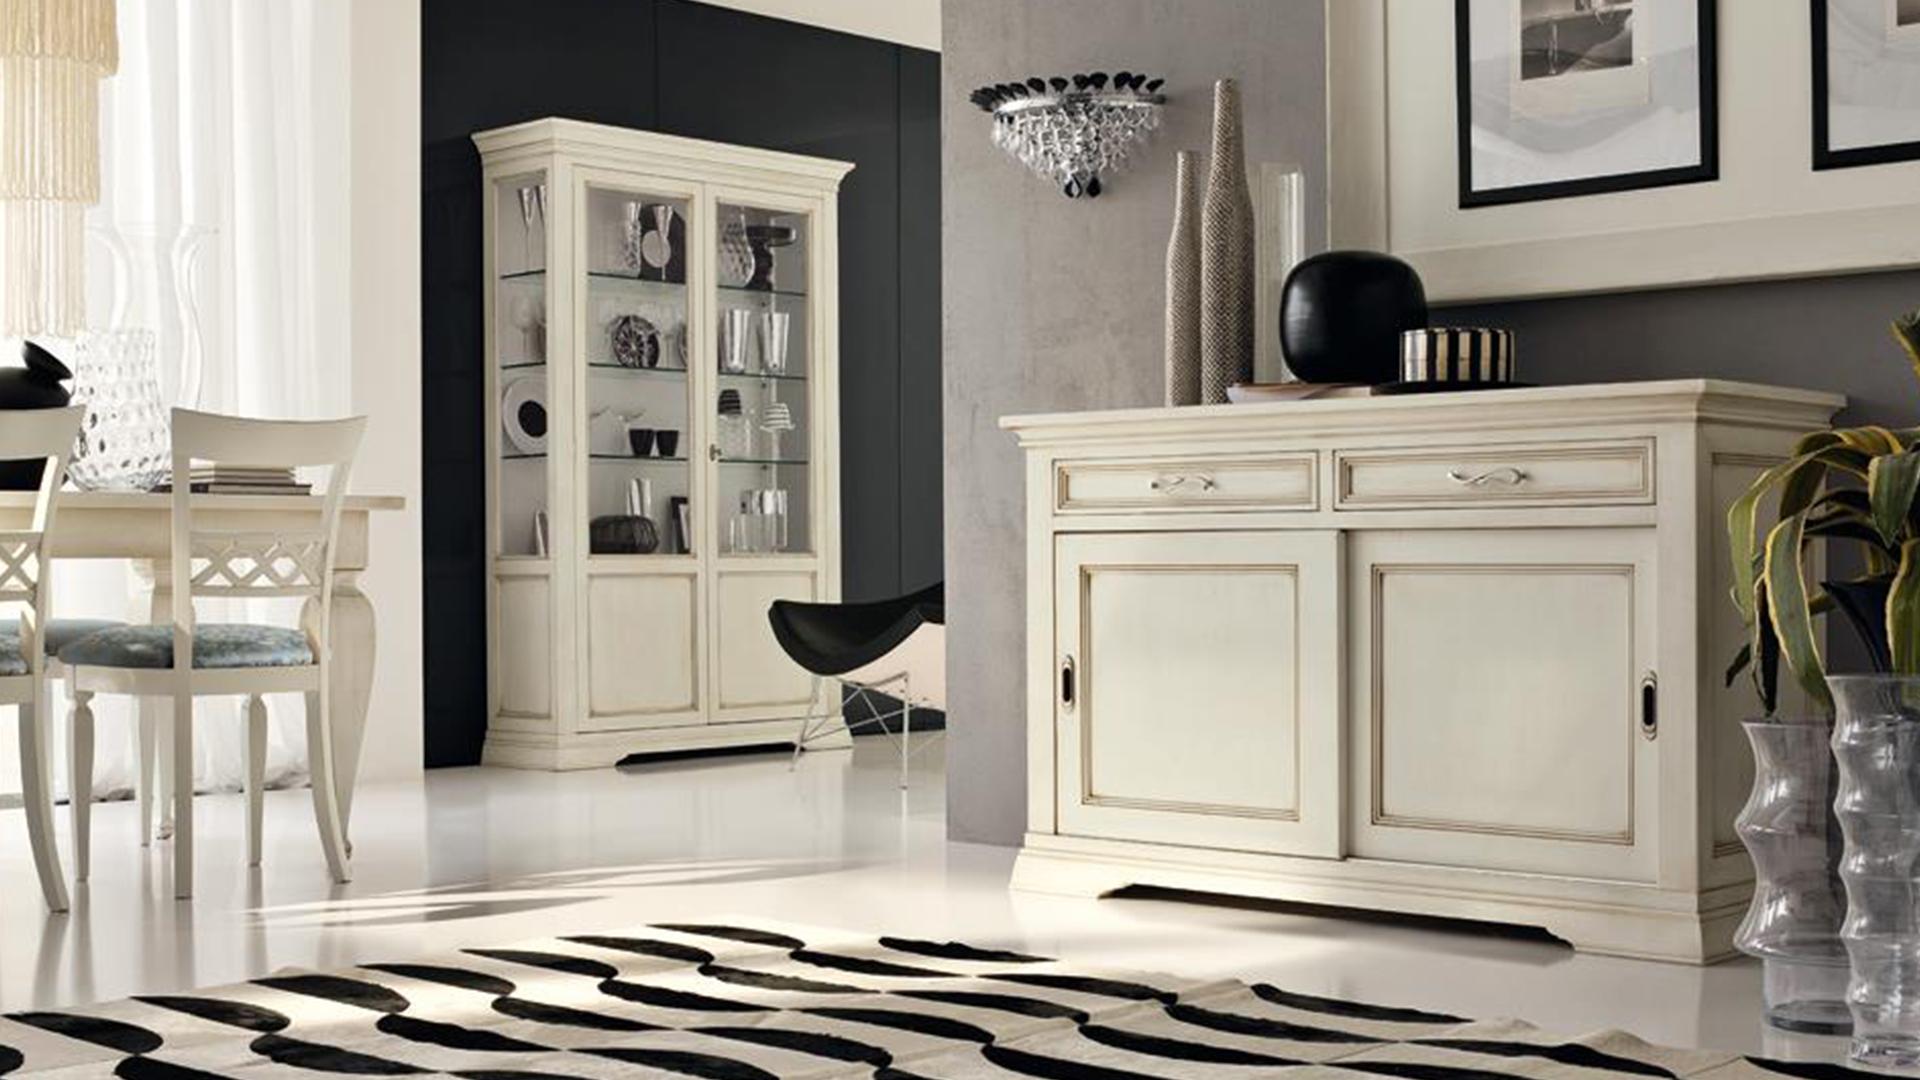 Soggiorni in stile classico torino sumisura fabbrica for Mobili salone classici